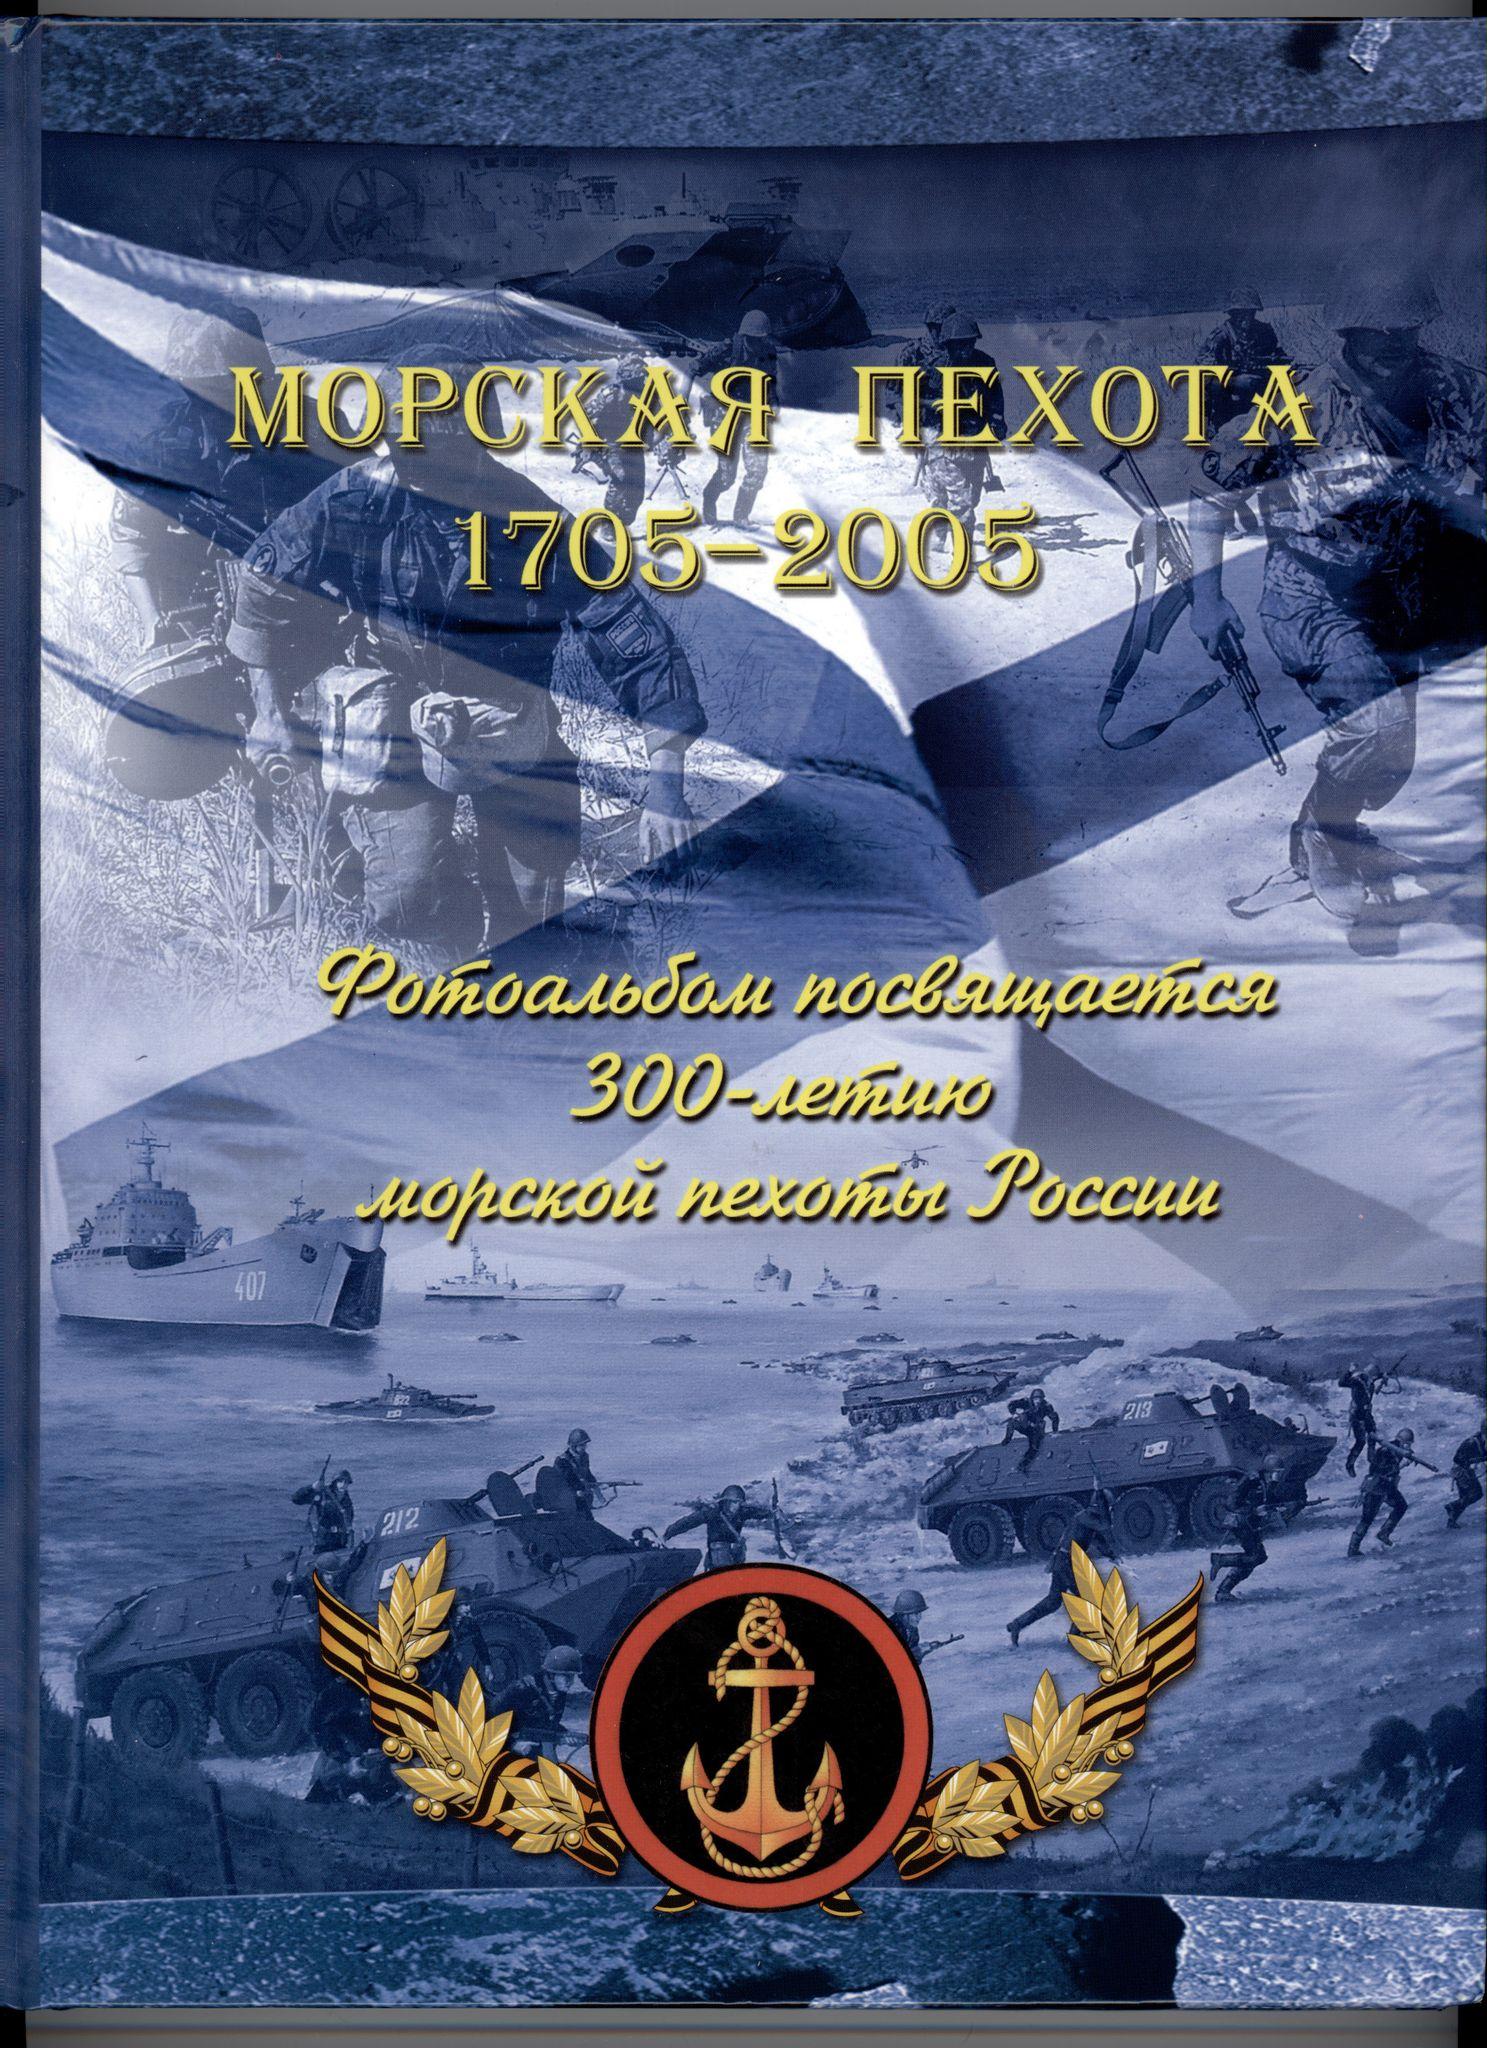 Поздравление морпеху с Днем морской пехоты : Праздники. ру 38